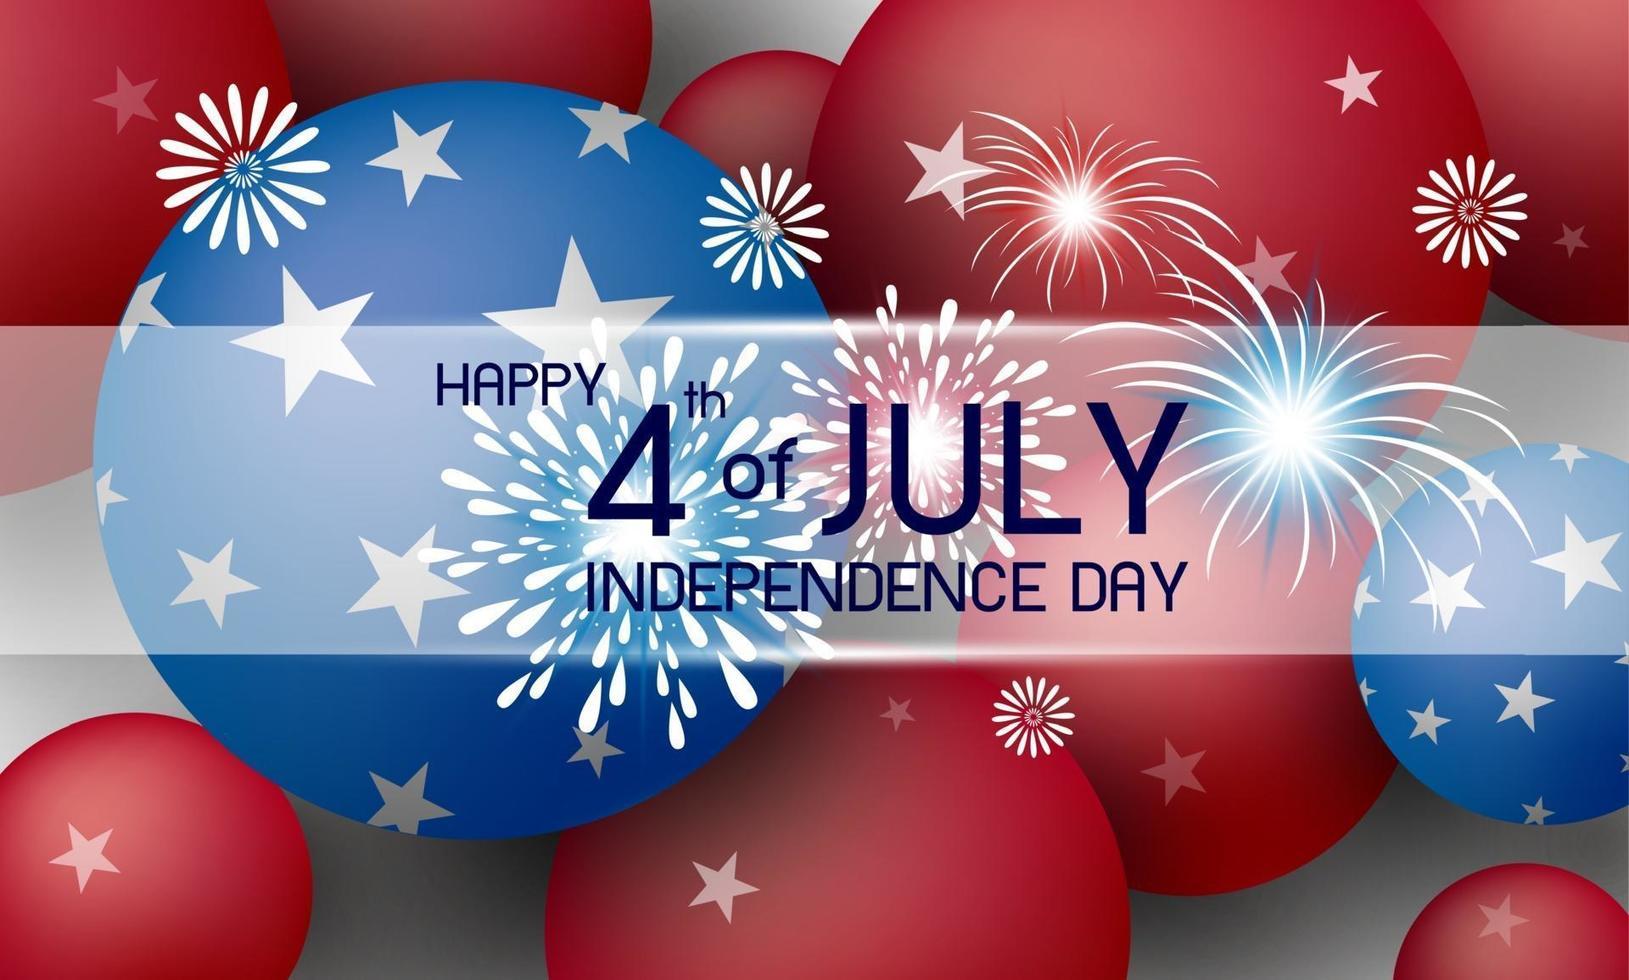 glückliche 4. Juli Unabhängigkeitstag Amerika Urlaub Hintergrund Design Vektor-Illustration vektor